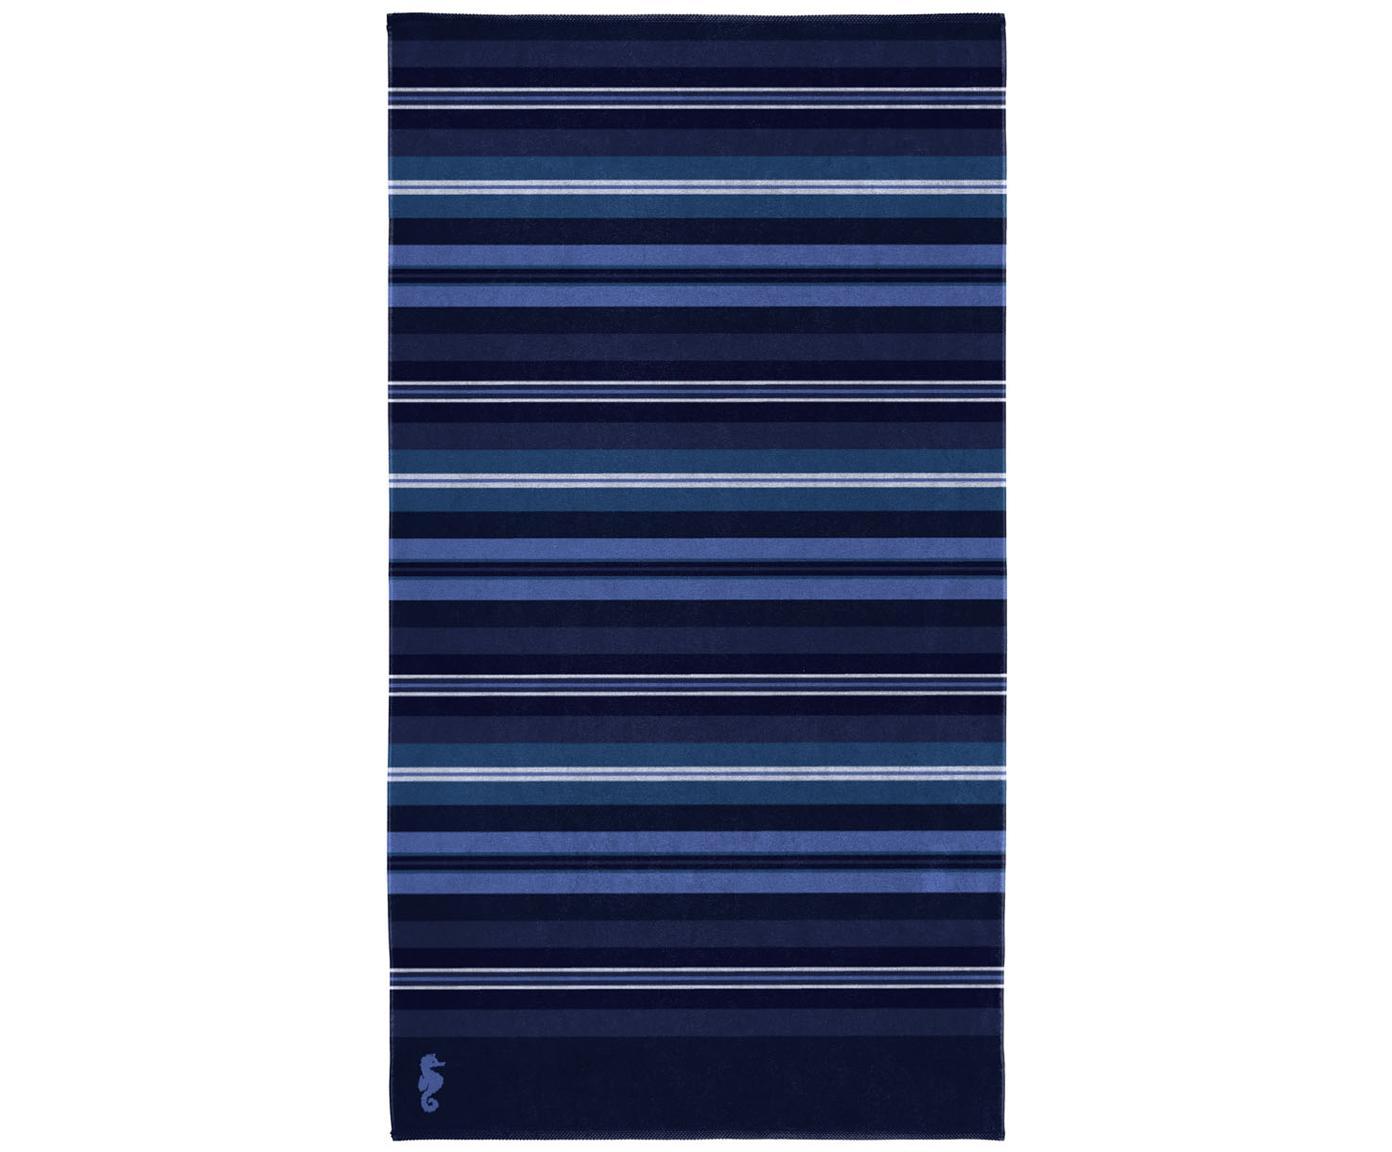 Toalla de playa Hampton, Velour (algodón) Gramaje medio, 420g/m², Tonos azul, An 100 x L 180 cm